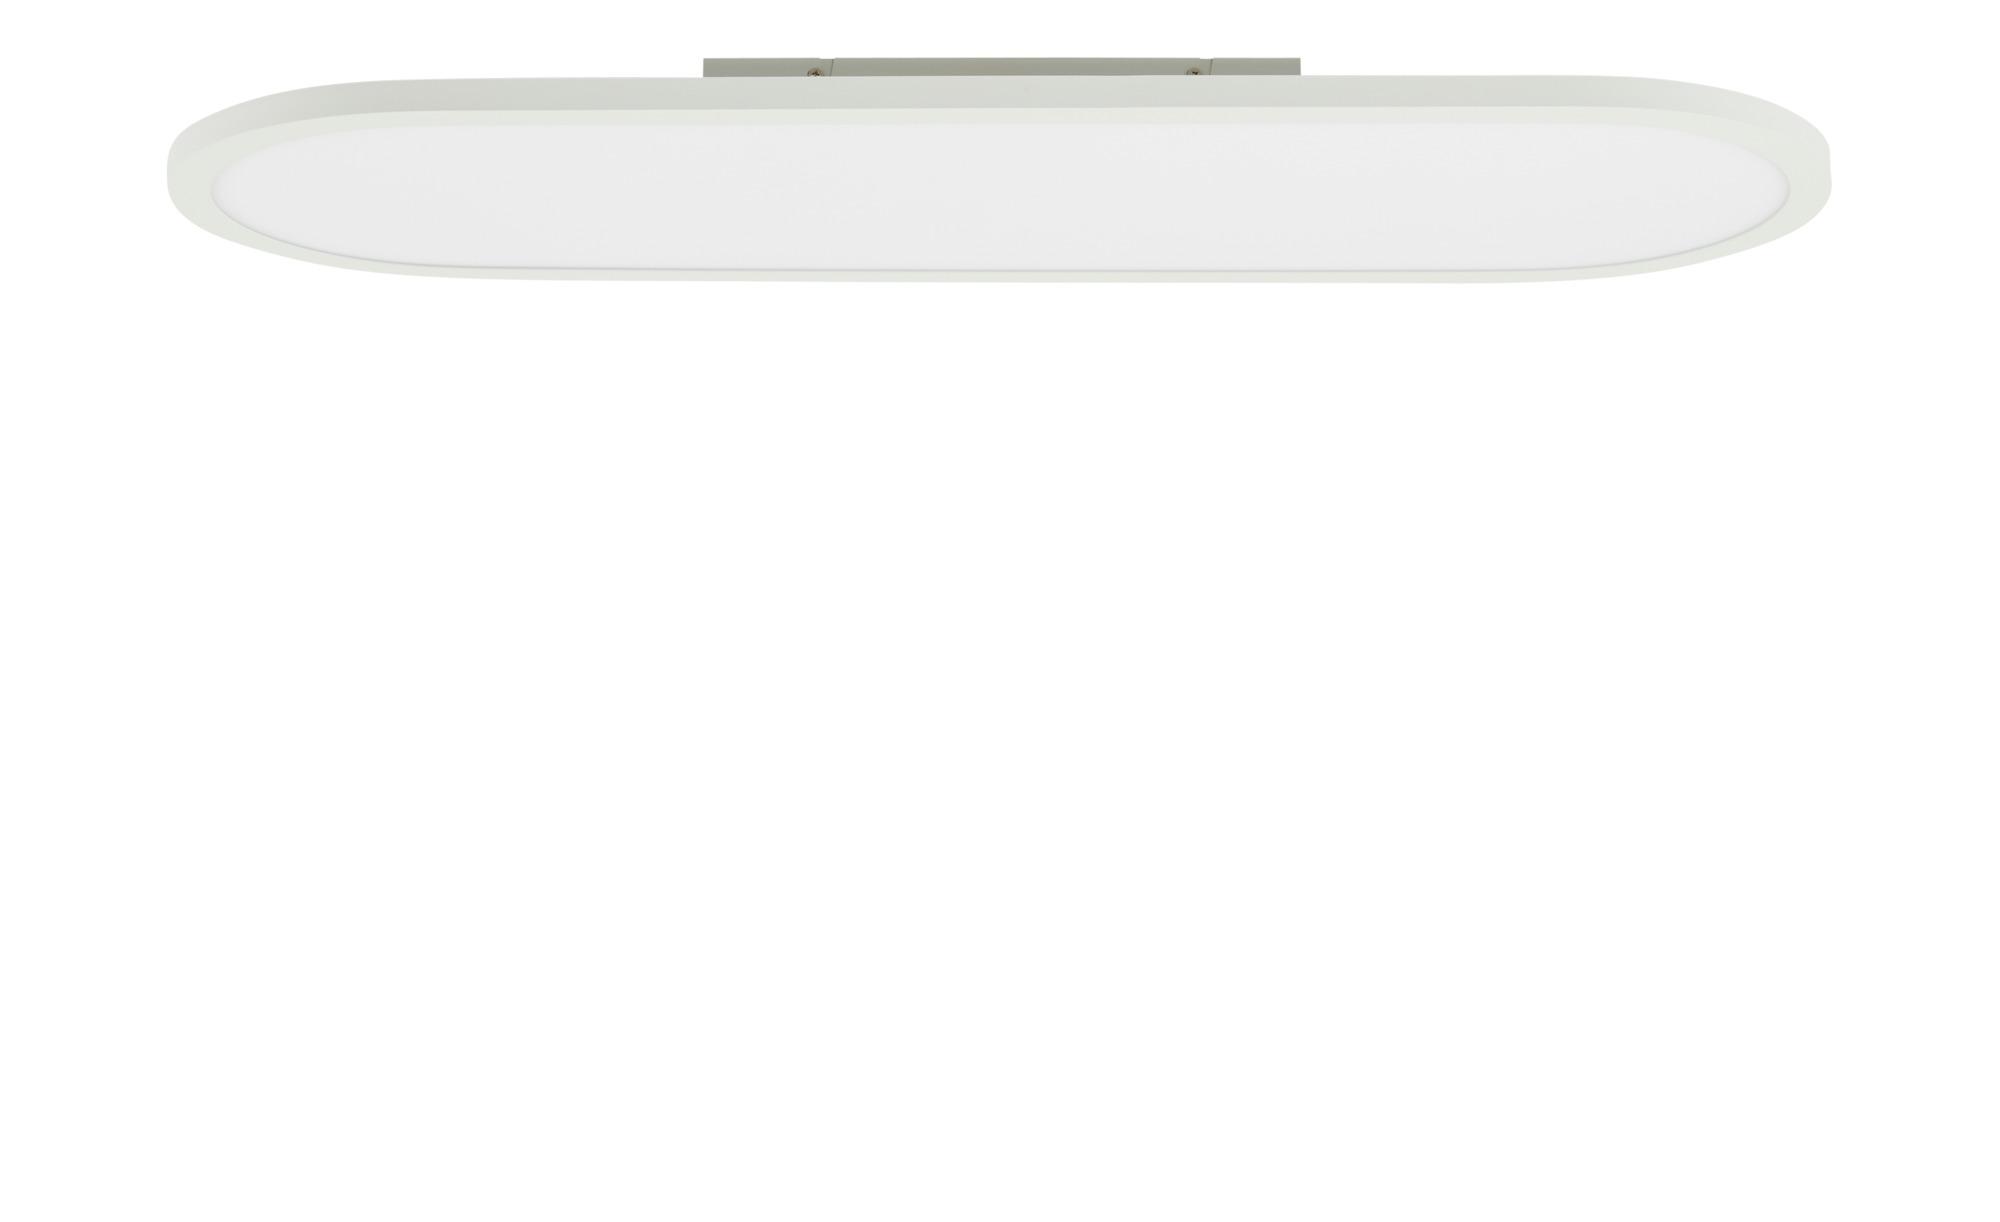 KHG LED-Deckenleuchte, 1-flammig, weiß, oval ¦ weiß ¦ Maße (cm): B: 30 H: 5 Lampen & Leuchten > Innenleuchten > Deckenleuchten - Höffner